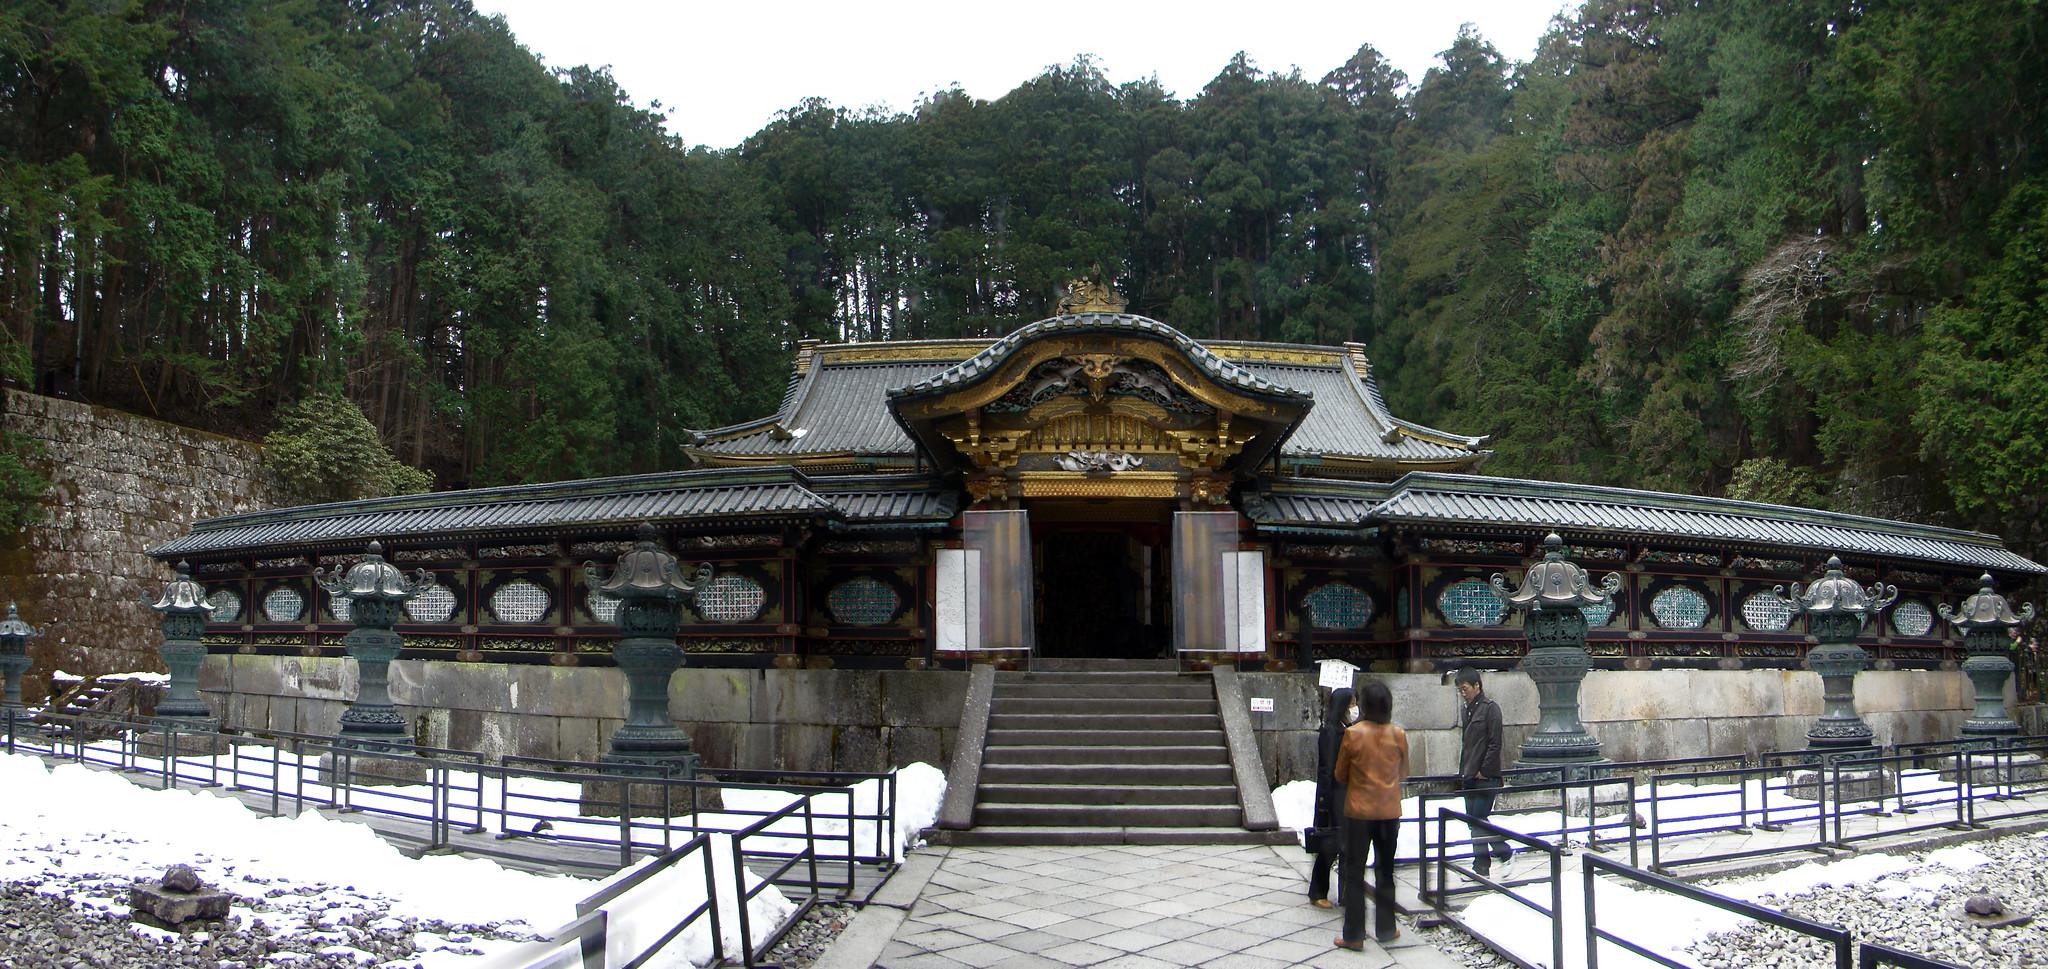 Karamon puerta Mausoleo Lemitsu o Taiyuinbyo de Nikko Japon